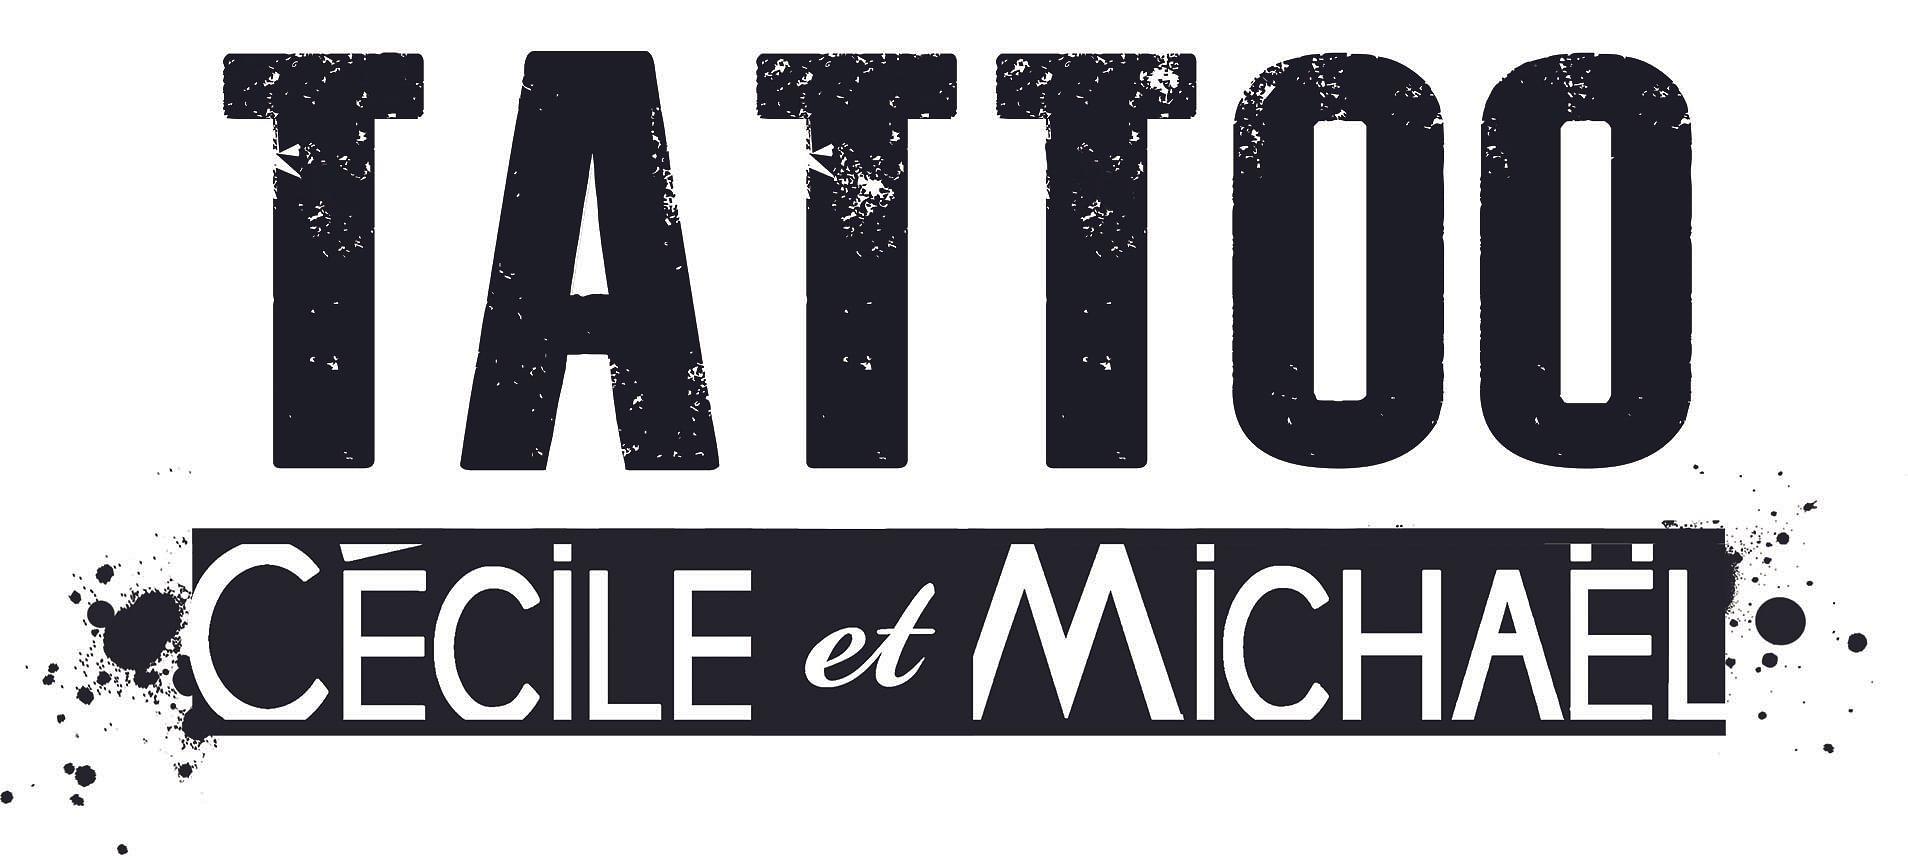 Cécile et Michaël Sàrl